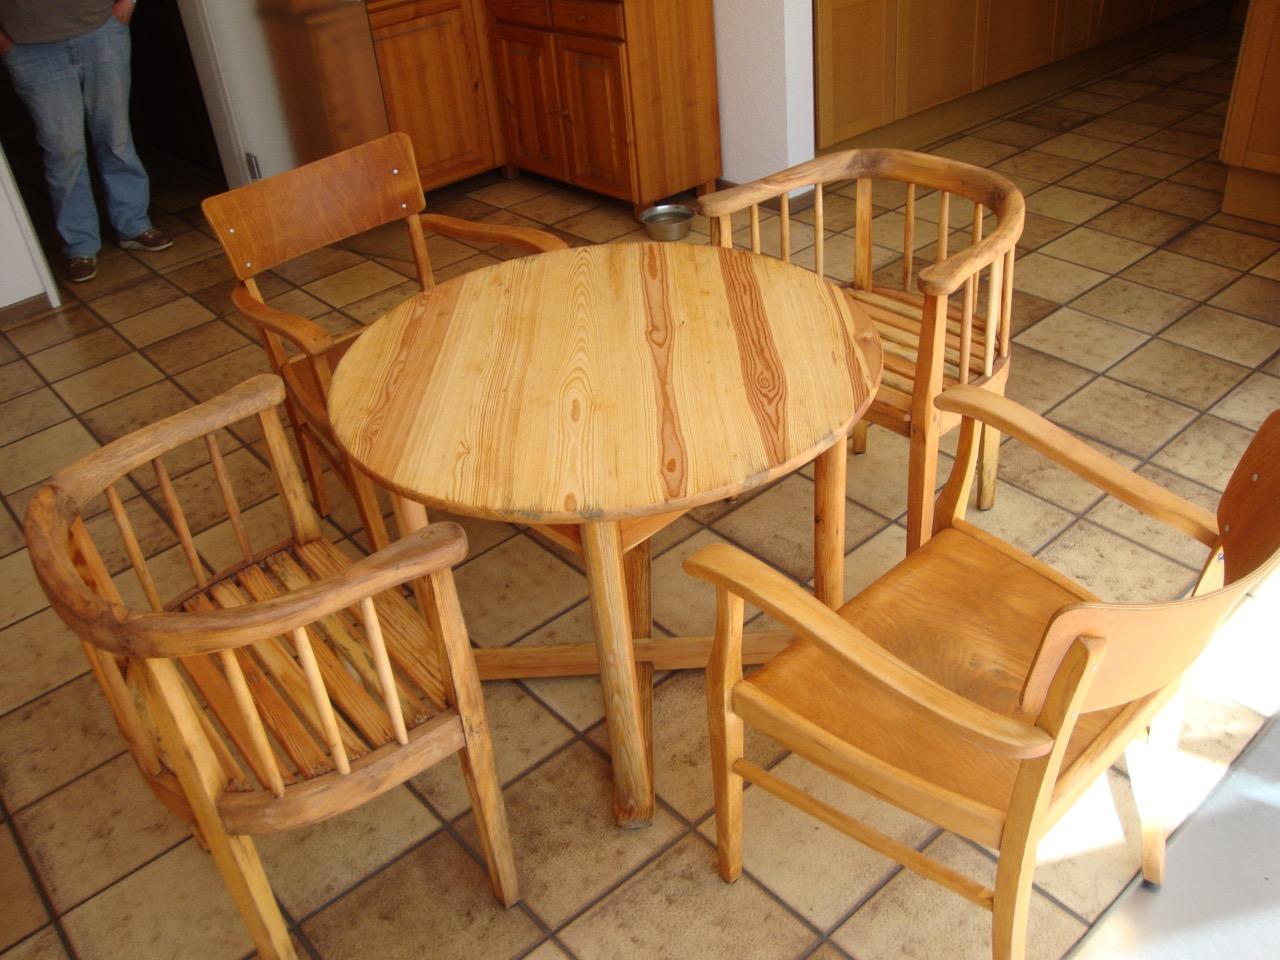 Geölten Tisch Pflegen ~ Vom weiß lackierten Tisch zum geölten Holztisch mit Stühlen  Tischlerei Hamb